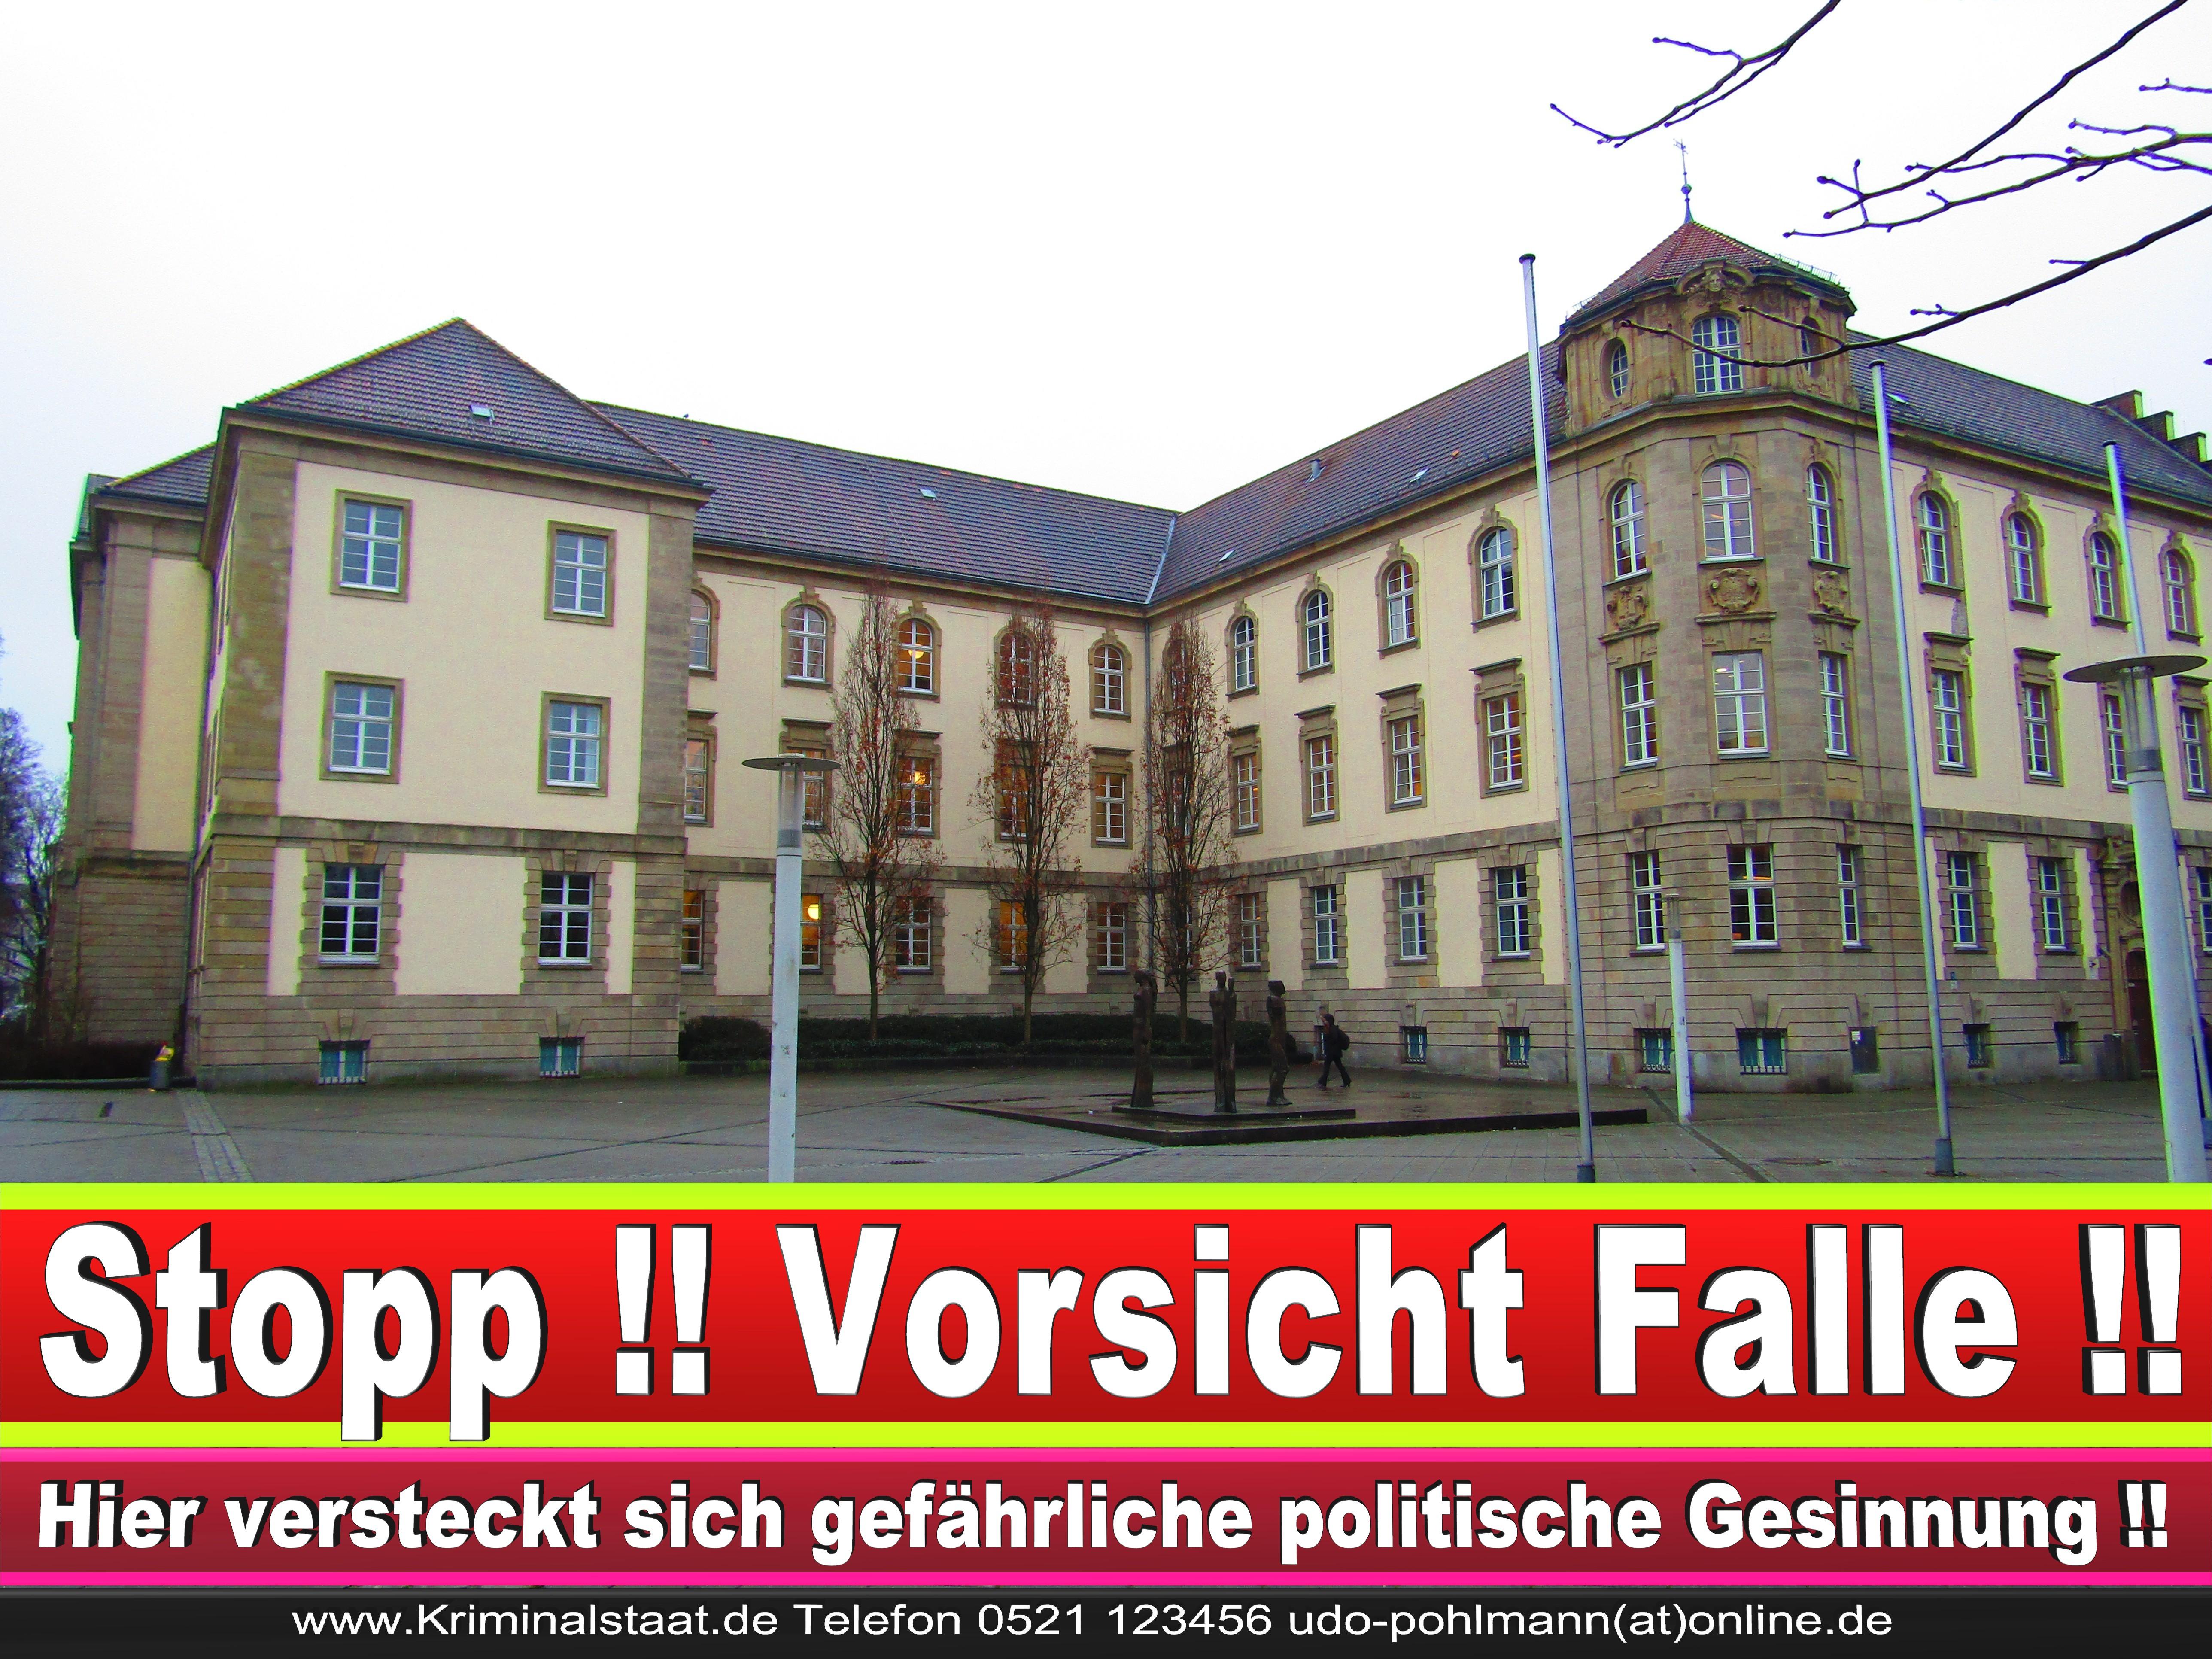 AMTSGERICHT DORTMUND RICHTER AUSBILDUNG PRAKTIKUM ANFAHRT URTEILE KORRUPTION POLIZEI ADRESSE DIREKTOR (17) 1 1